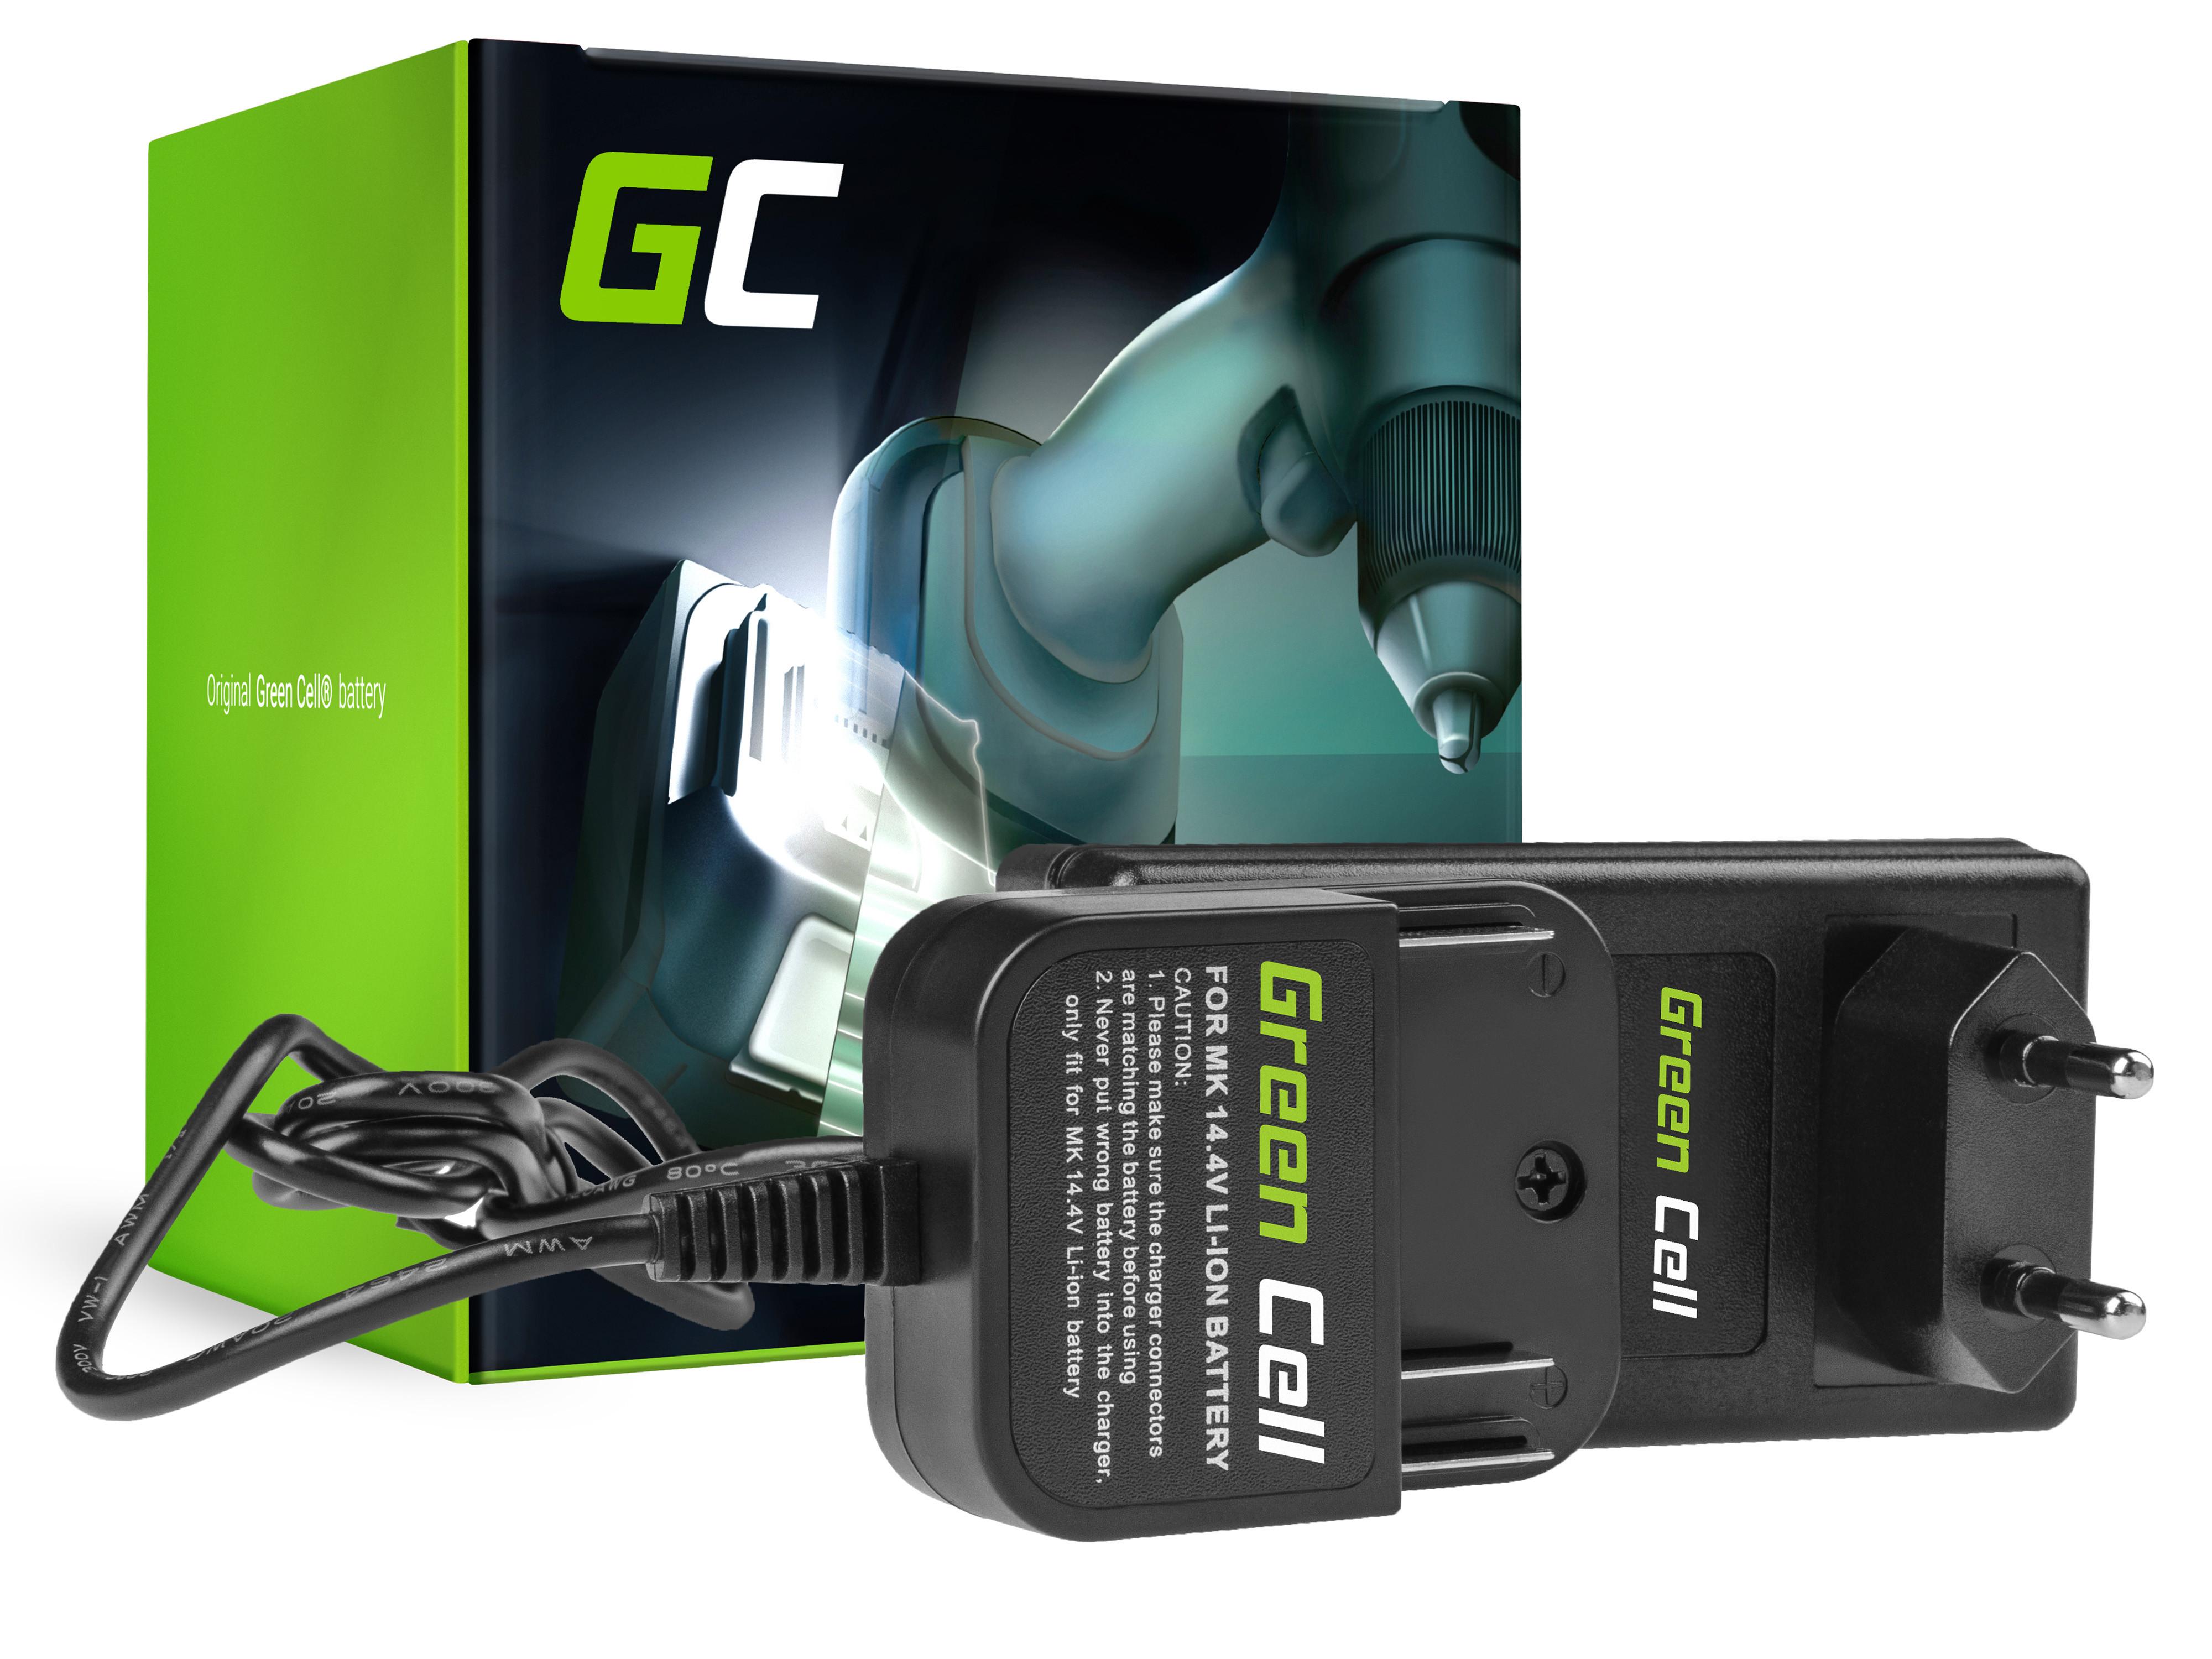 Green Cell elverktyg laddare 16.8V Makita 14.4V Li-Ion BL1415 BL1415N BL1430 BL1440 BL1450 L1451